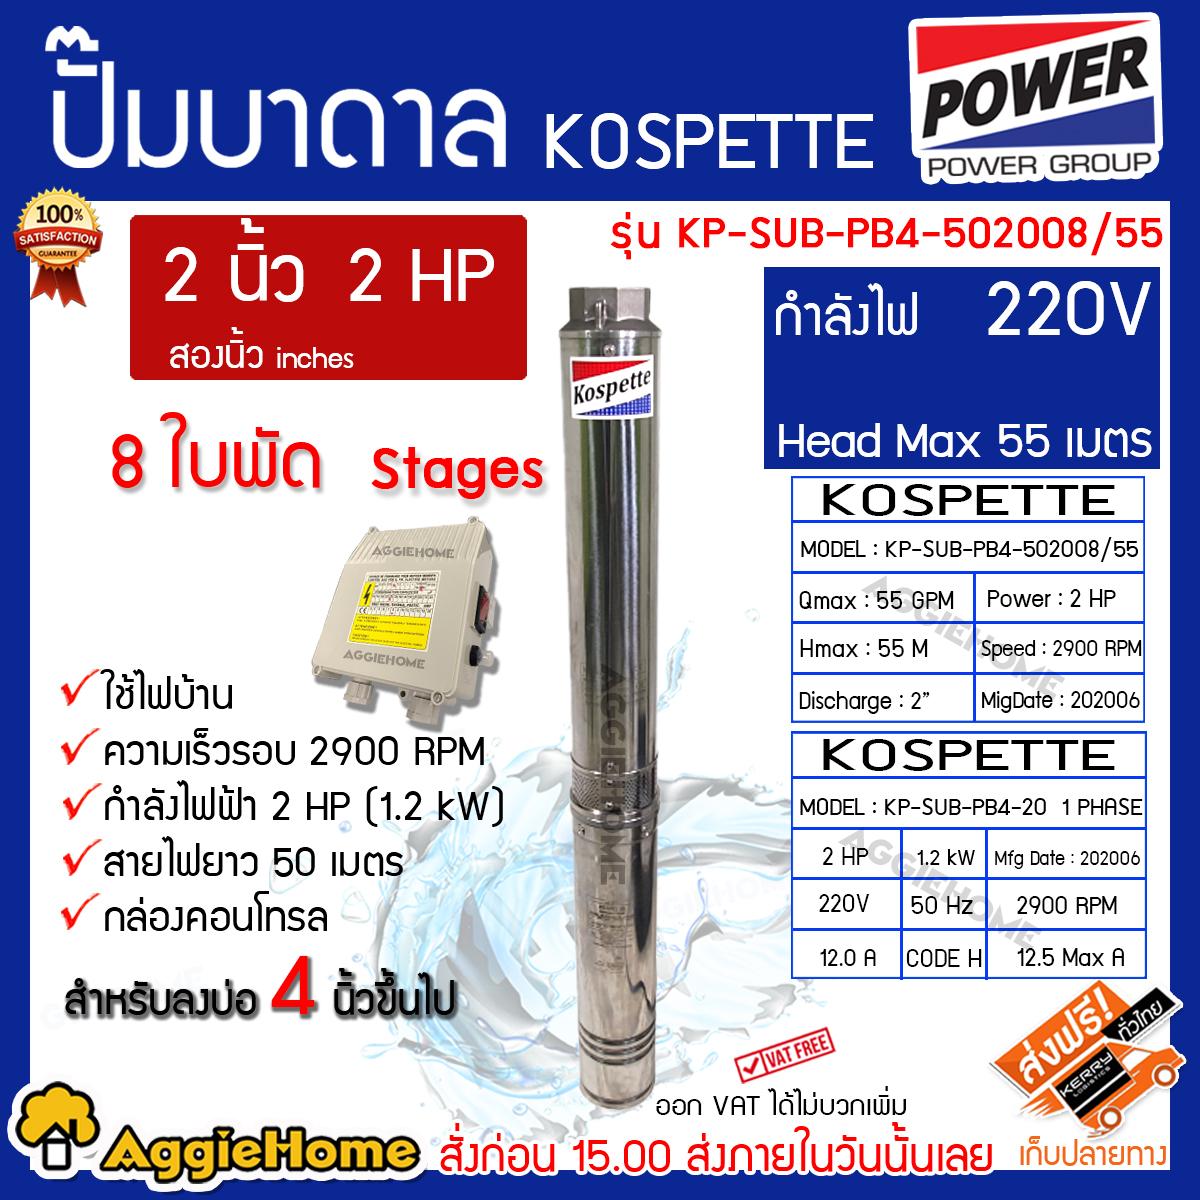 บาดาล KOSPETTE รุ่นKP-SUB-PUB4-502008/55 2นิ้ว 2HP 8ใบ 220V (พร้อมสายไฟ50เมตรกล่องคอนโทรล) HEADMAX55 สำหรับลงบ่อ4 ซัมเมิส ดูดลึก ปั๊ม บาดาล จัดส่งฟรีKERRY